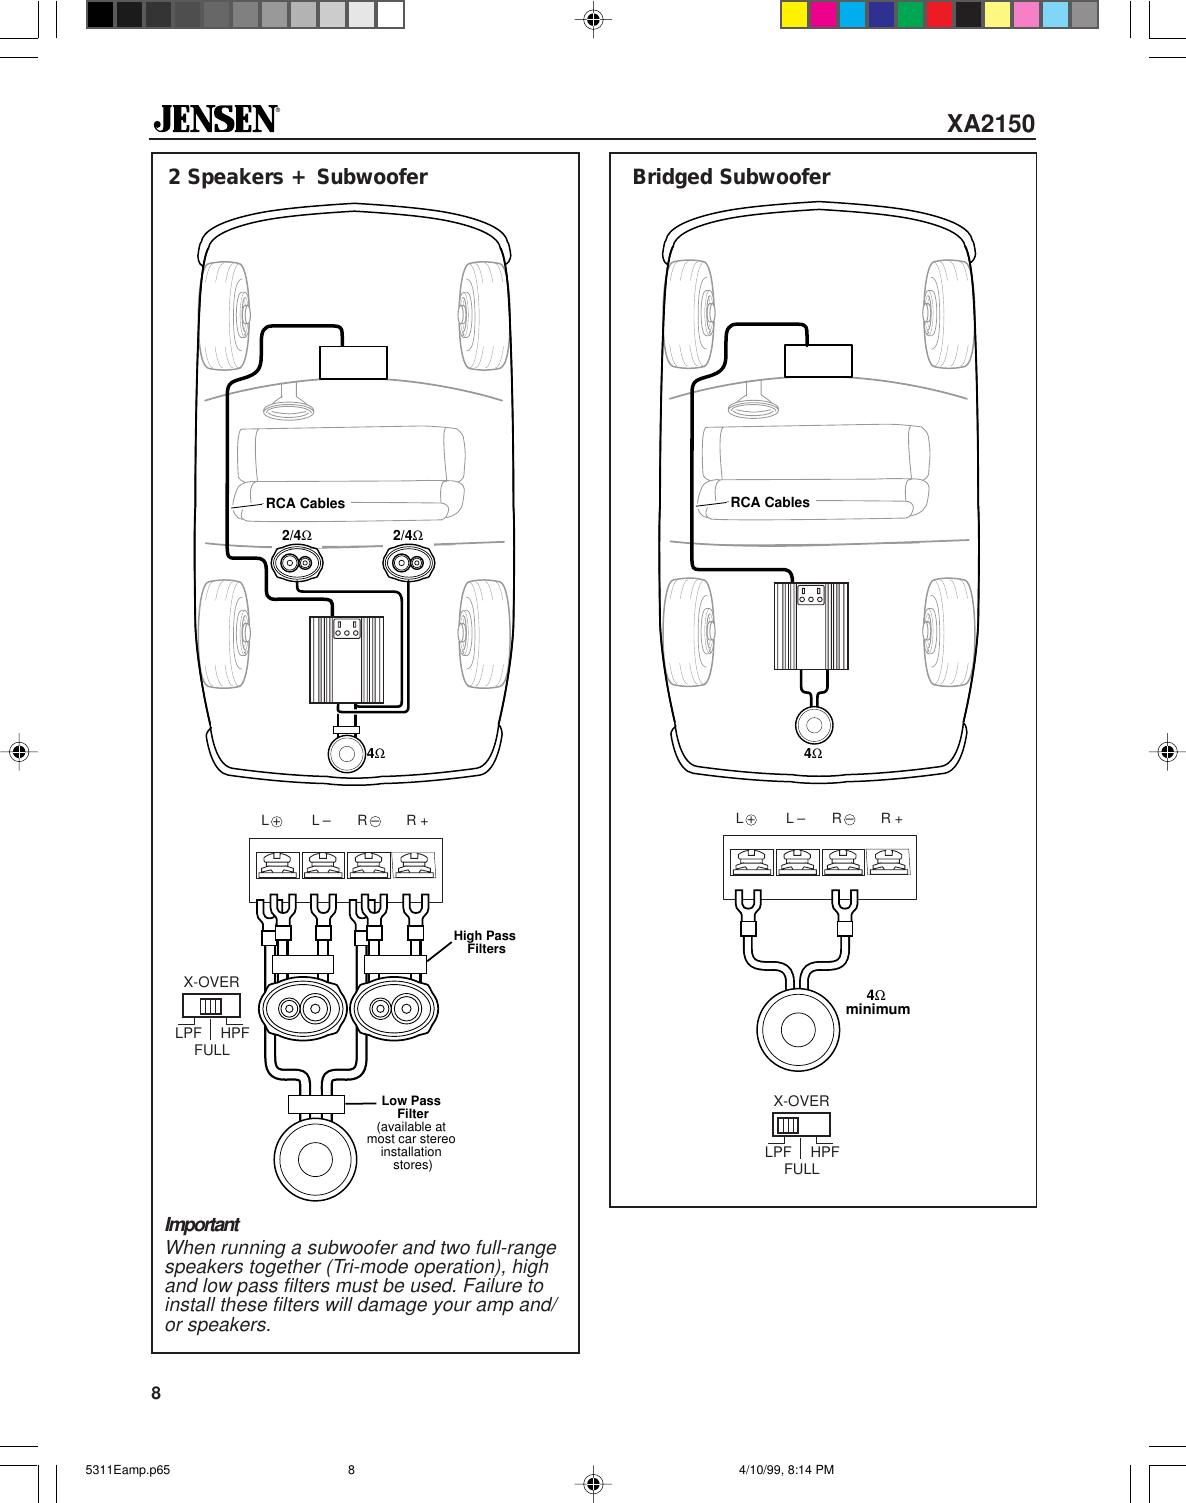 Page 8 of 12 - Jensen Jensen-Amplifier-Xa2150-Users-Manual-